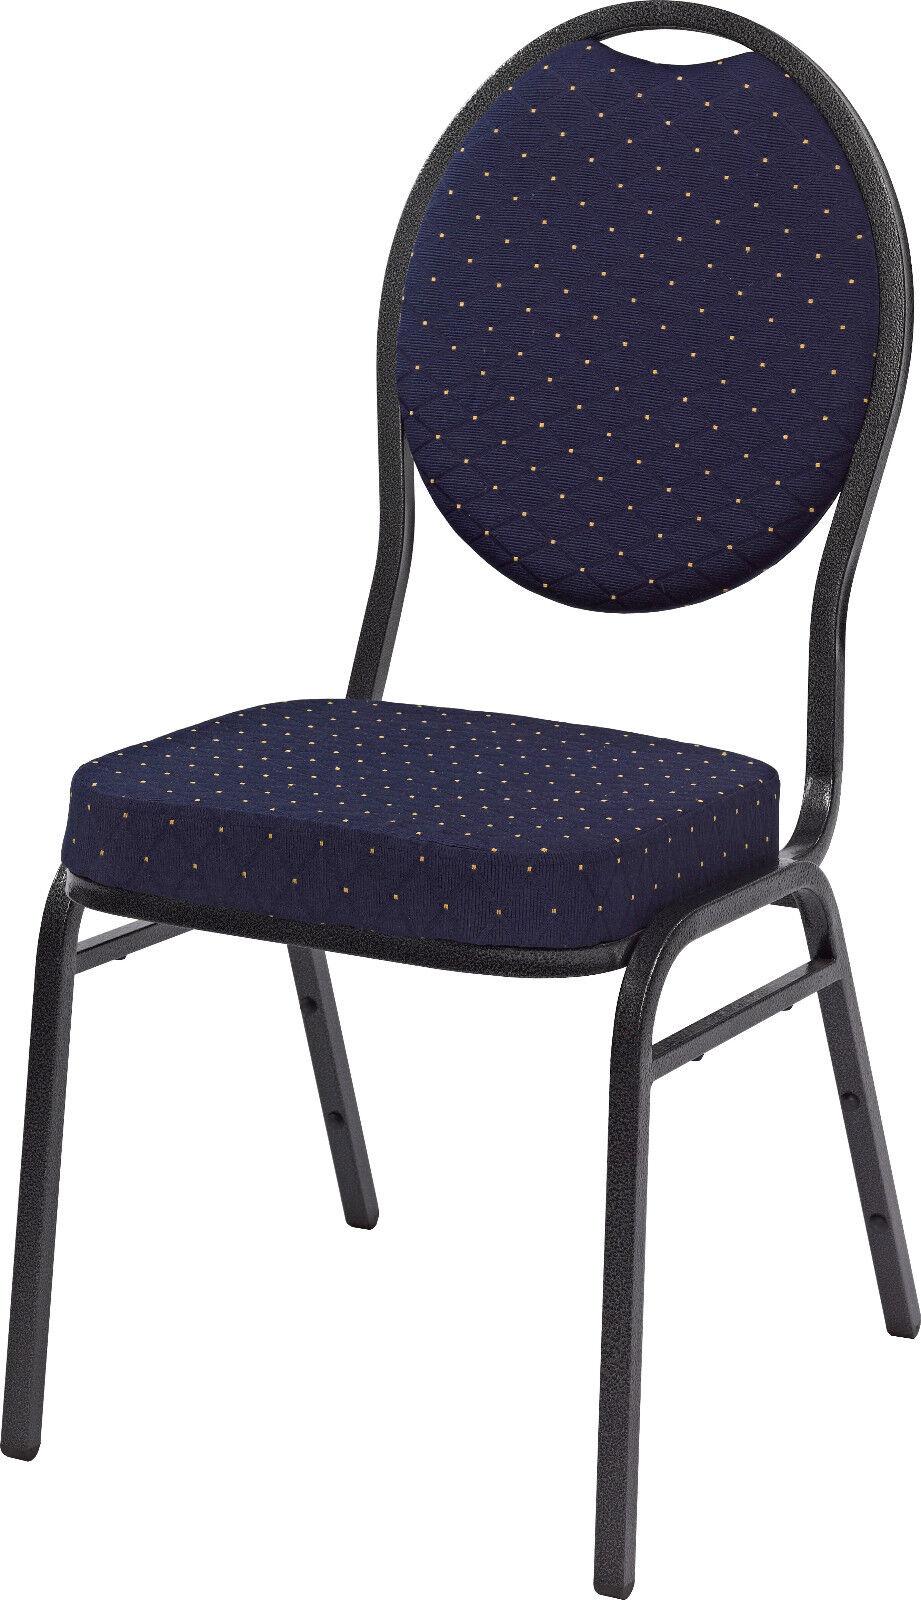 Lobu blau, Saalstuhl Stapelstuhl Stapelstühle Bankettstuhl Seminarstuhl Stuhl